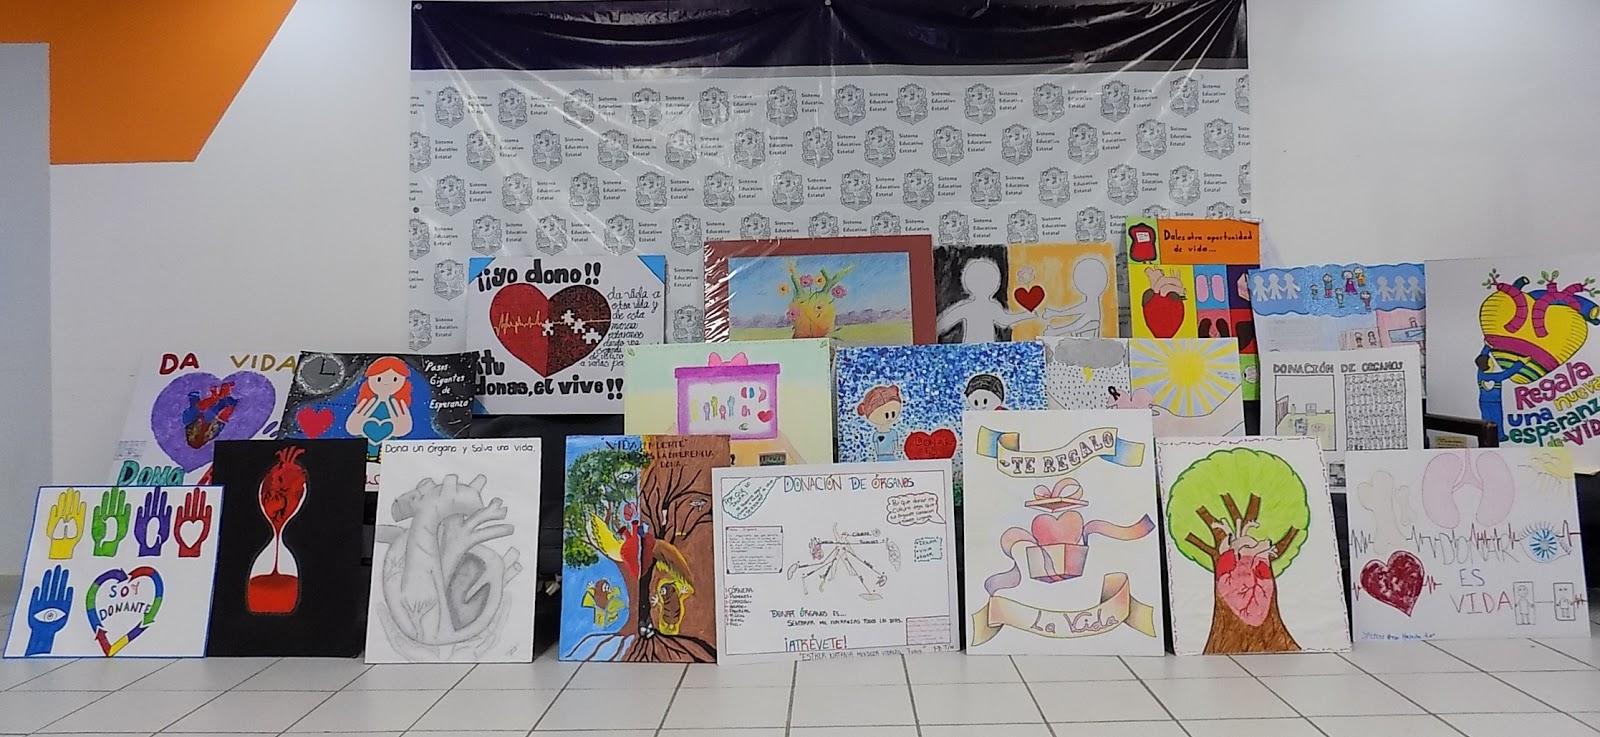 Educaci n bc recibe see cerca de 4 mil dibujo para el - Concurso de dibujo 2017 ...